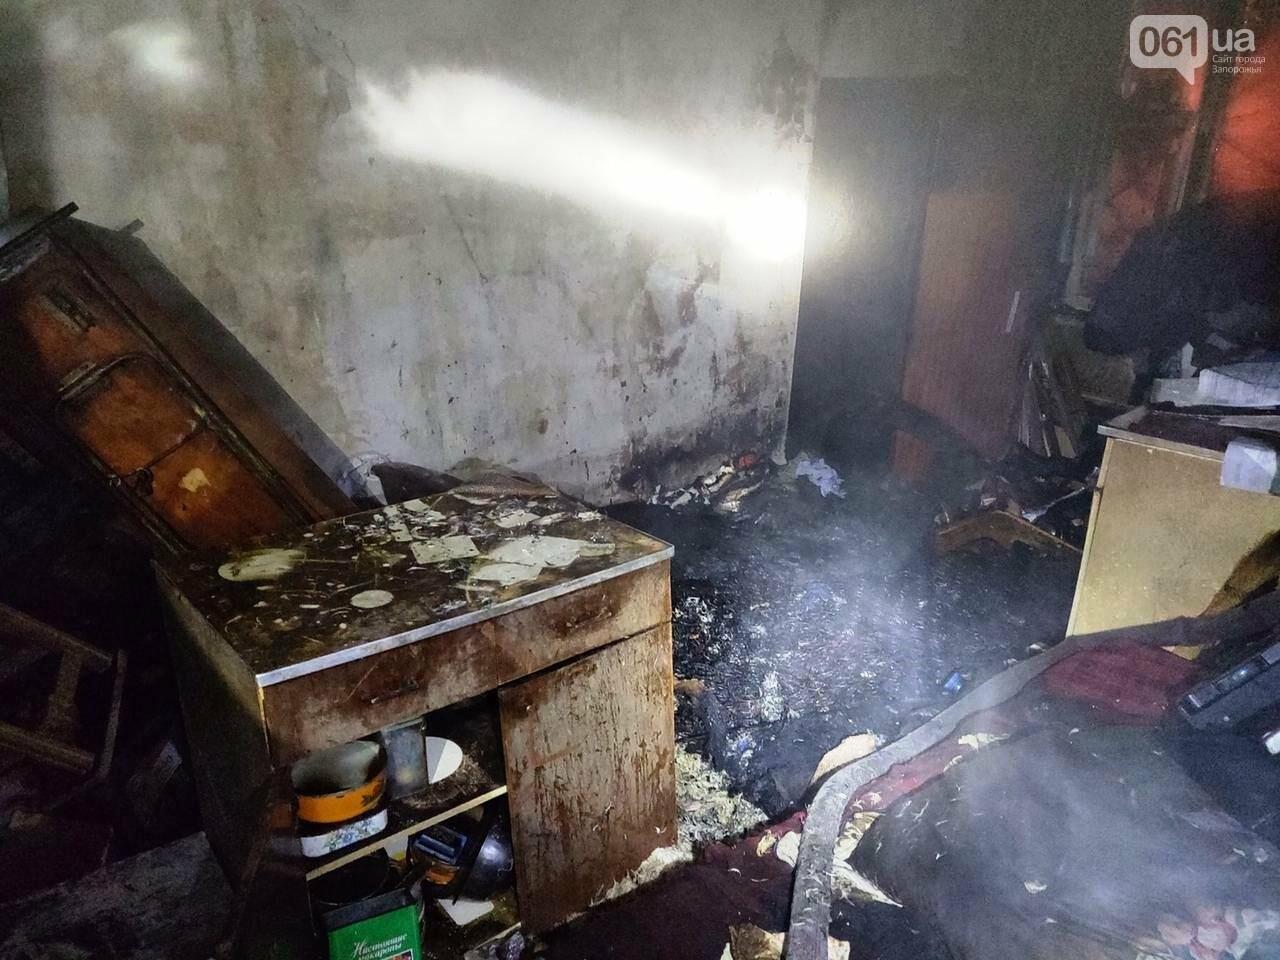 В Запорожье в многоэтажном доме произошел пожар: погиб мужчина, фото-1